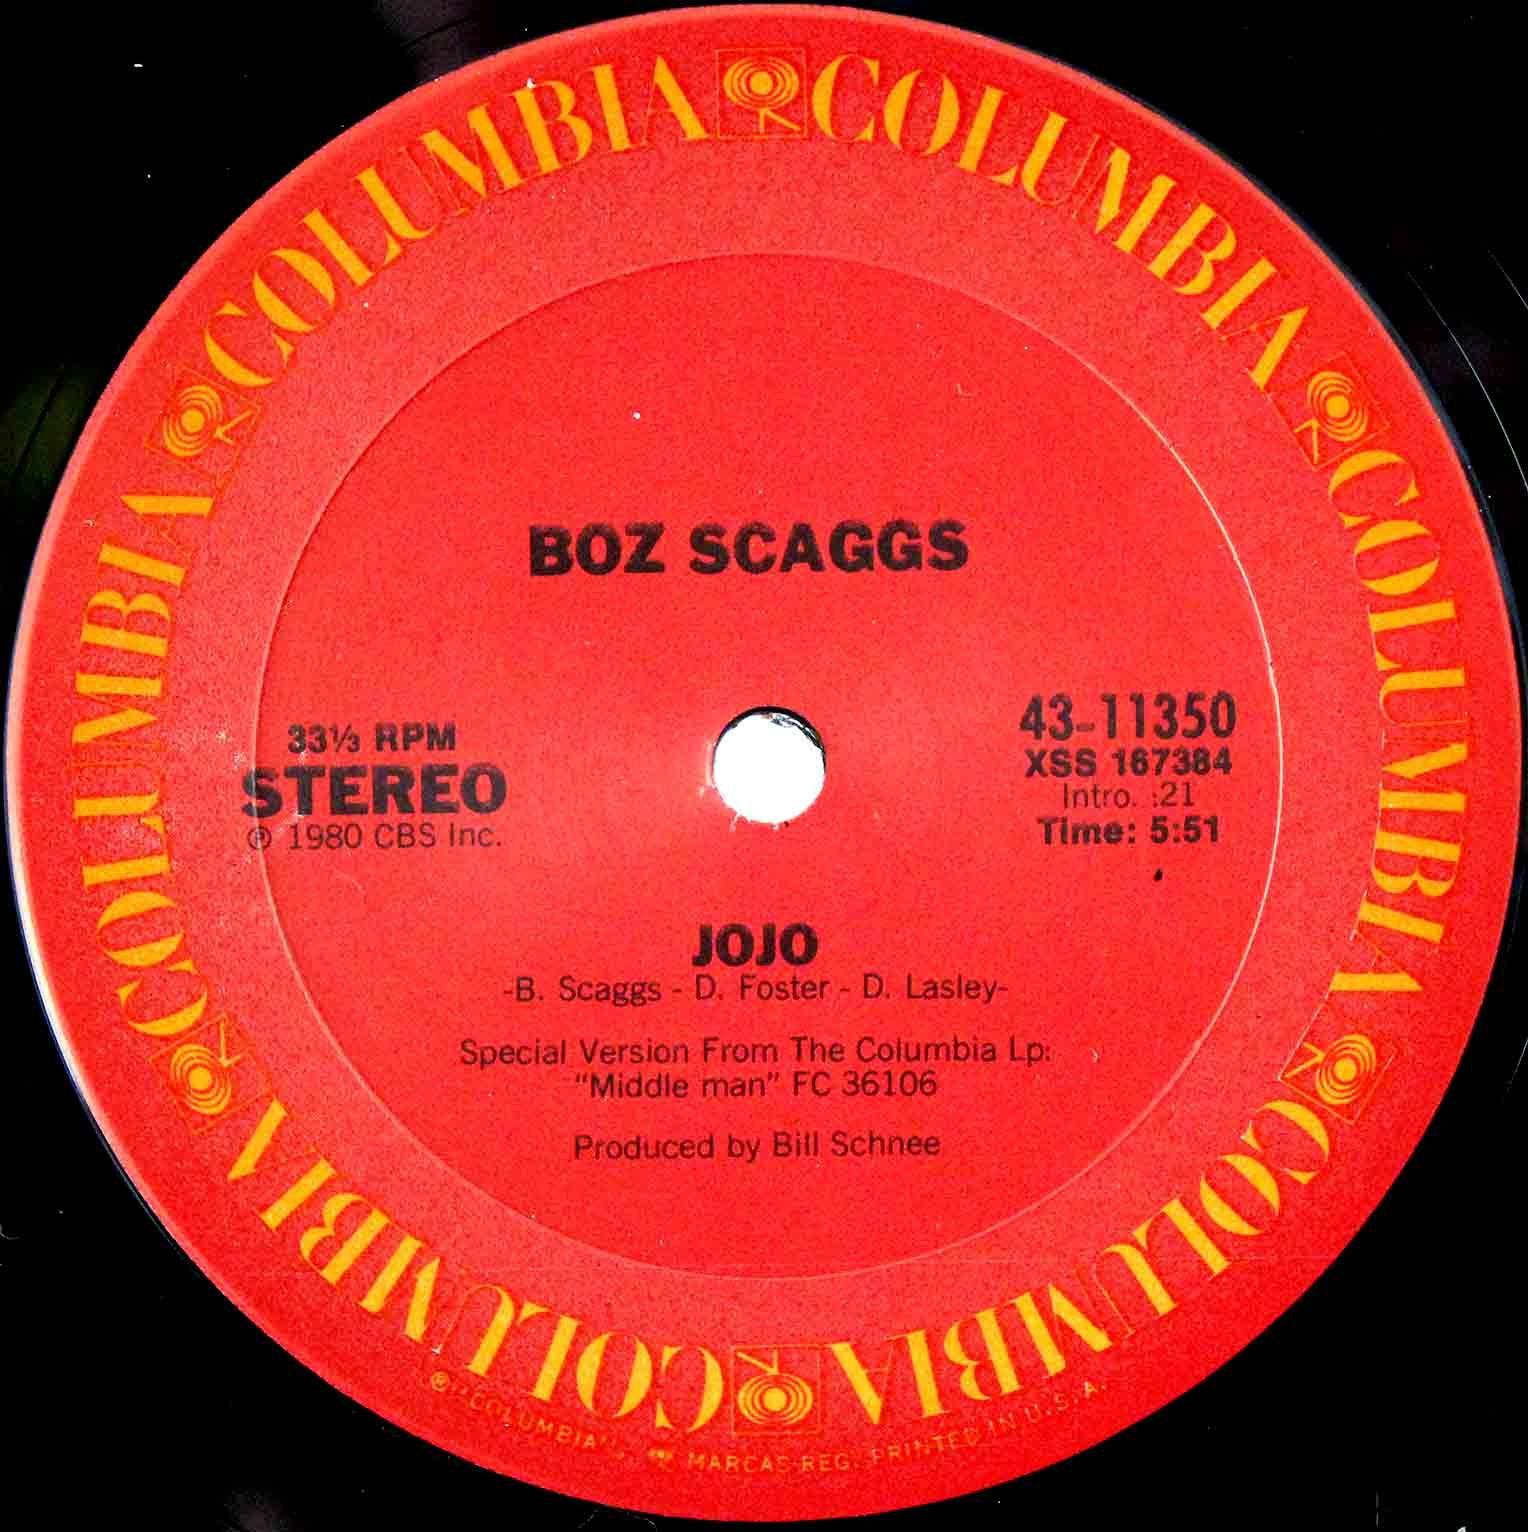 Boz Scaggs - JOJO 02